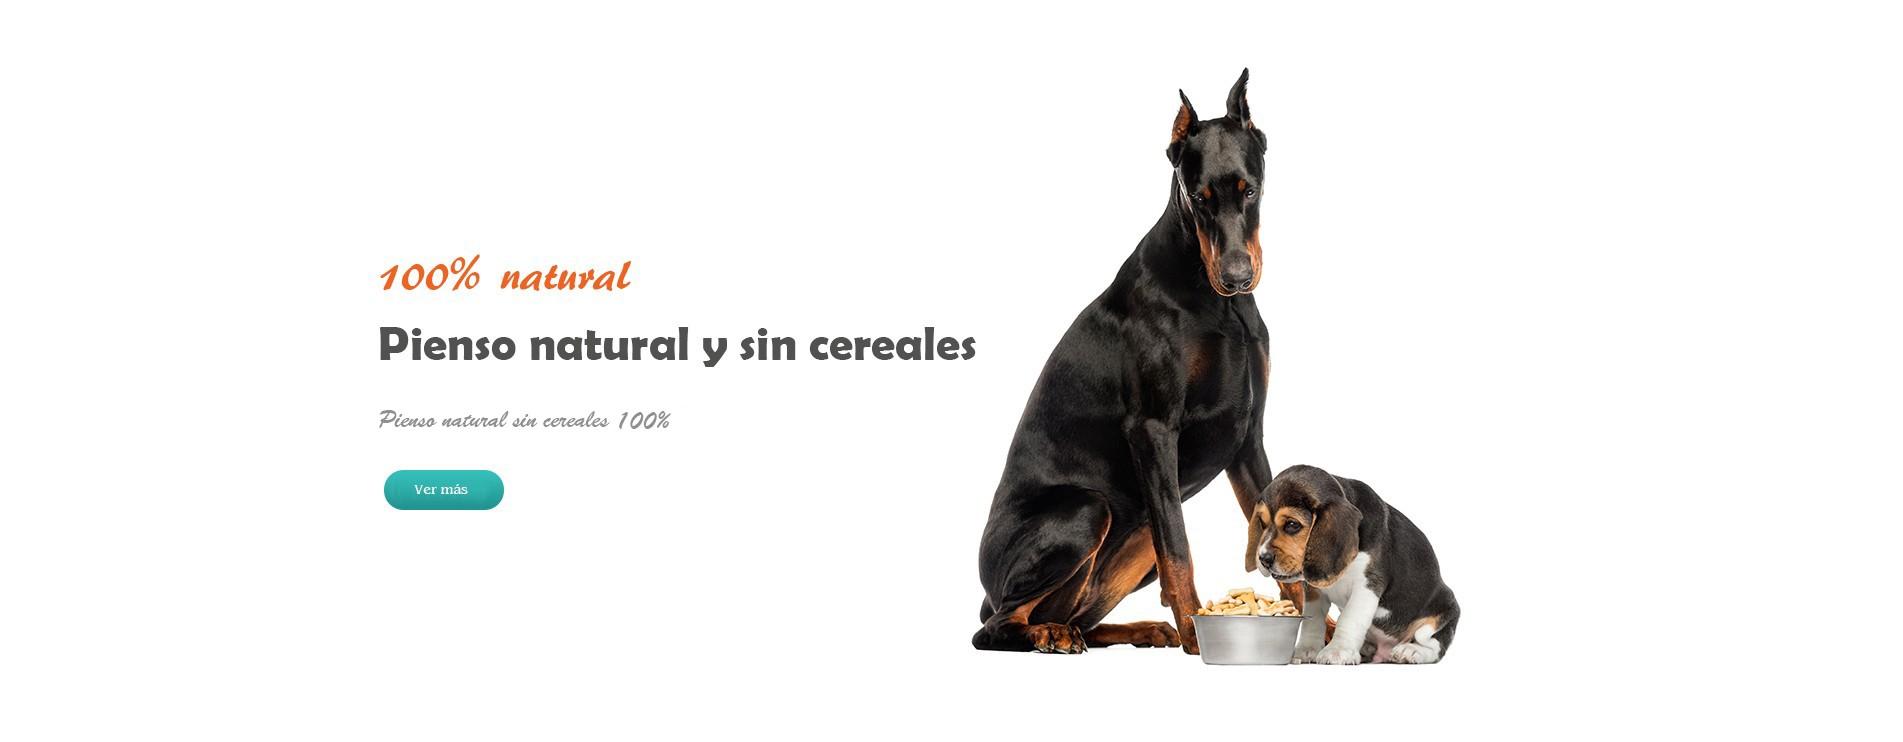 Pienso para perros natural y sin cereales